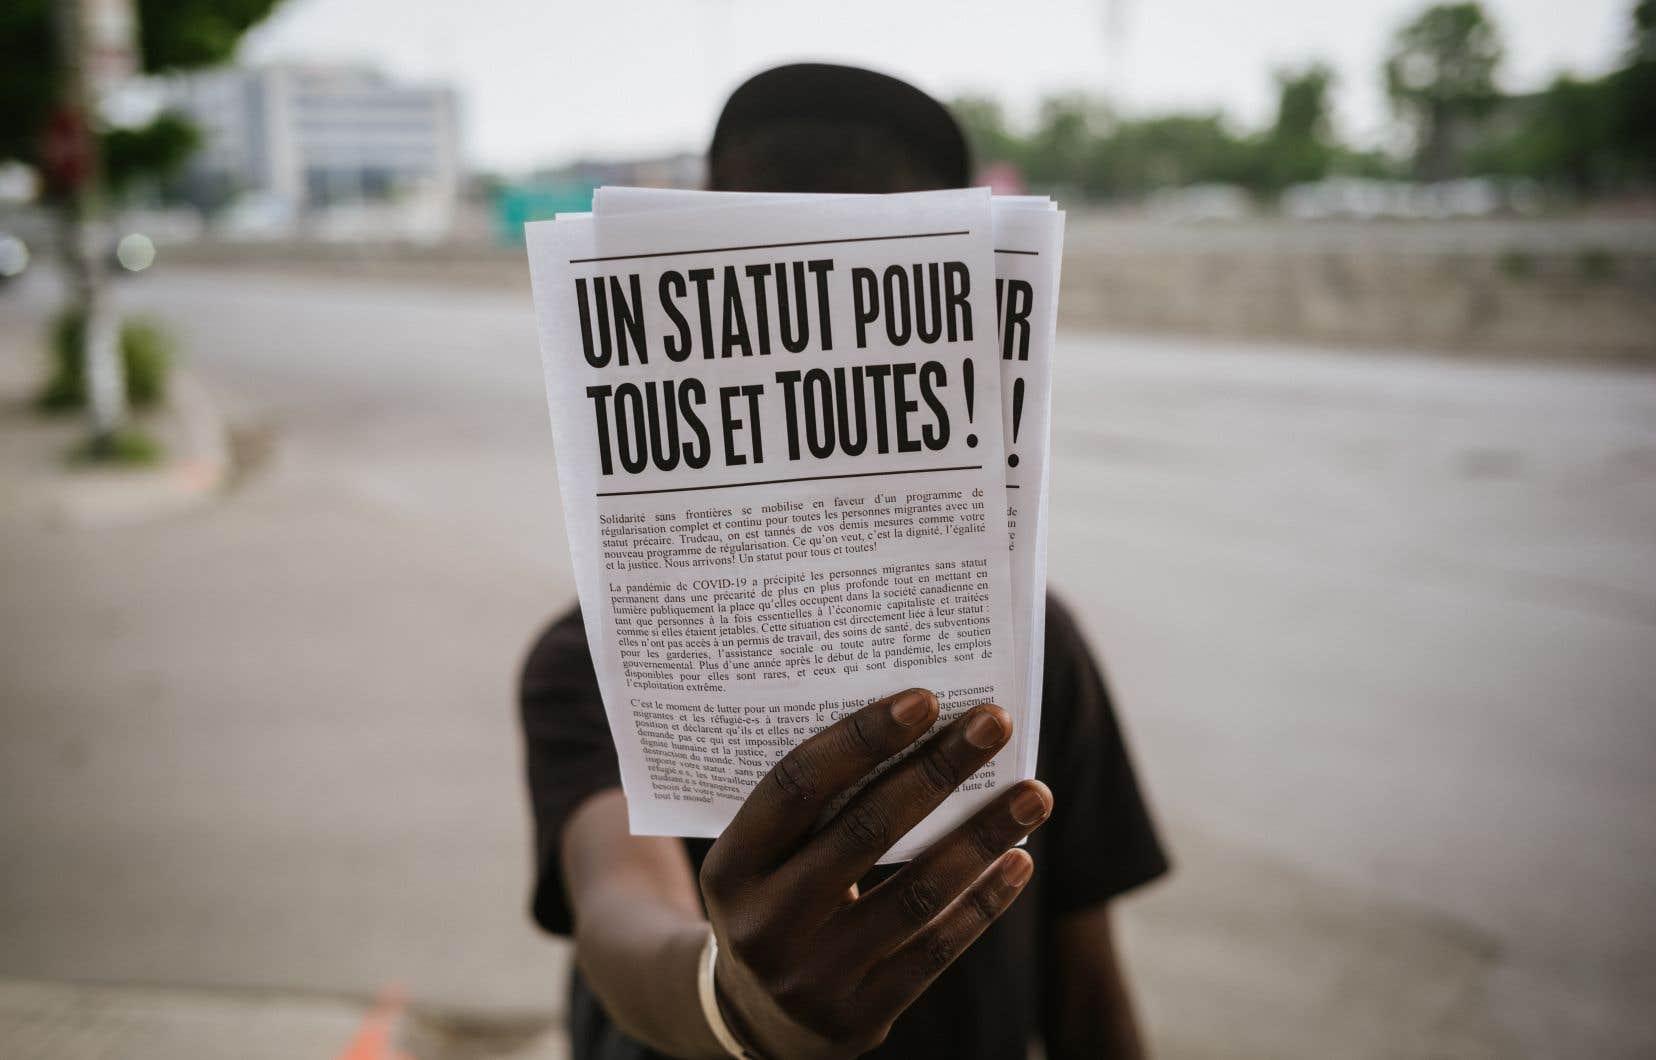 Des dizaines de migrants se sont rassemblées devant la station de métro De La Savane mardi après-midi dans le cadre d'une semaine de manifestations.